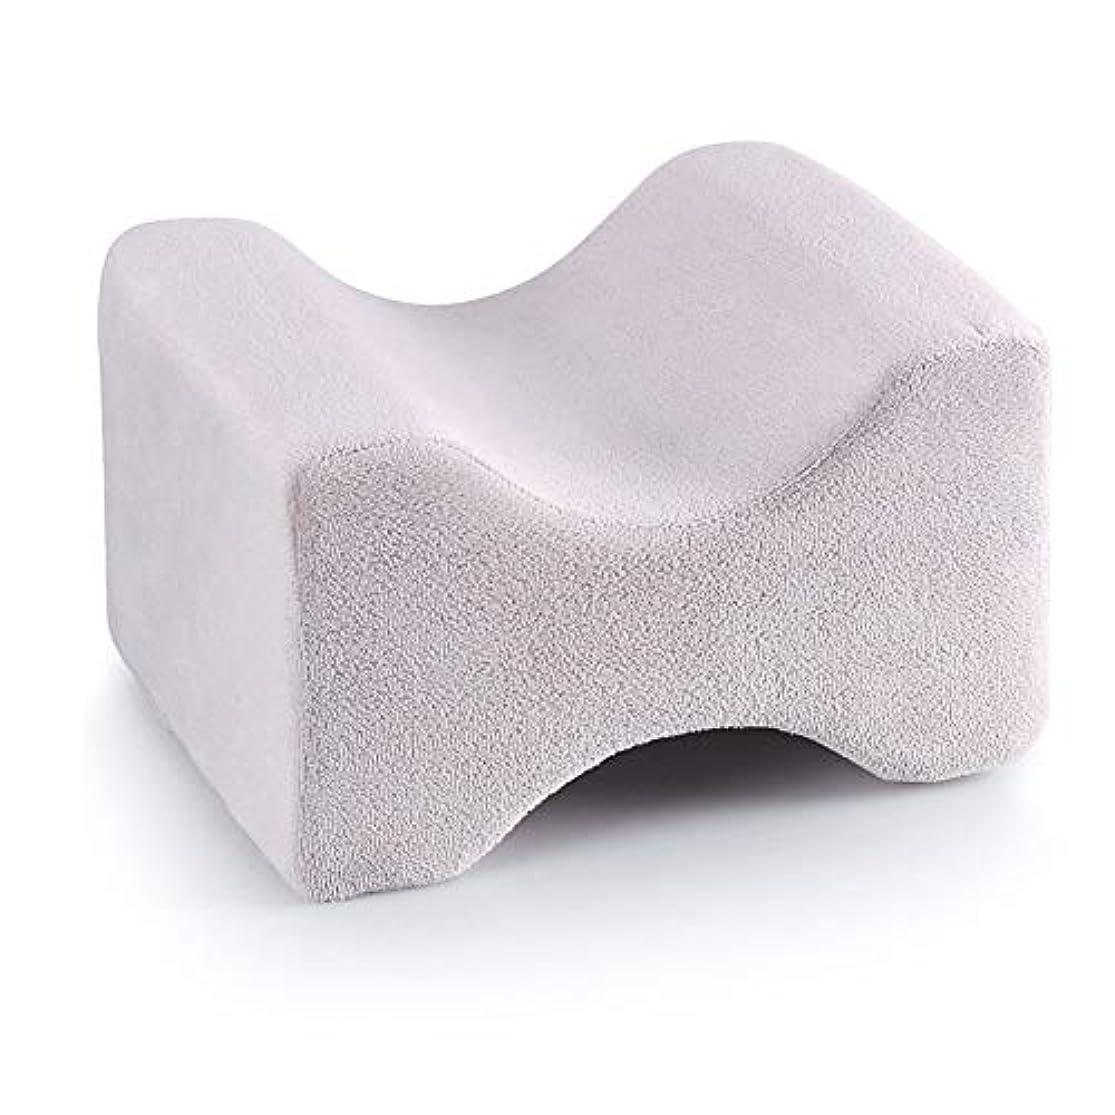 ガウン入手します並外れた3パック整形外科用膝枕用リリーフ、取り外し可能な洗えるカバー、低反発ウェッジの輪郭を促し、睡眠を促進し、血液循環を改善